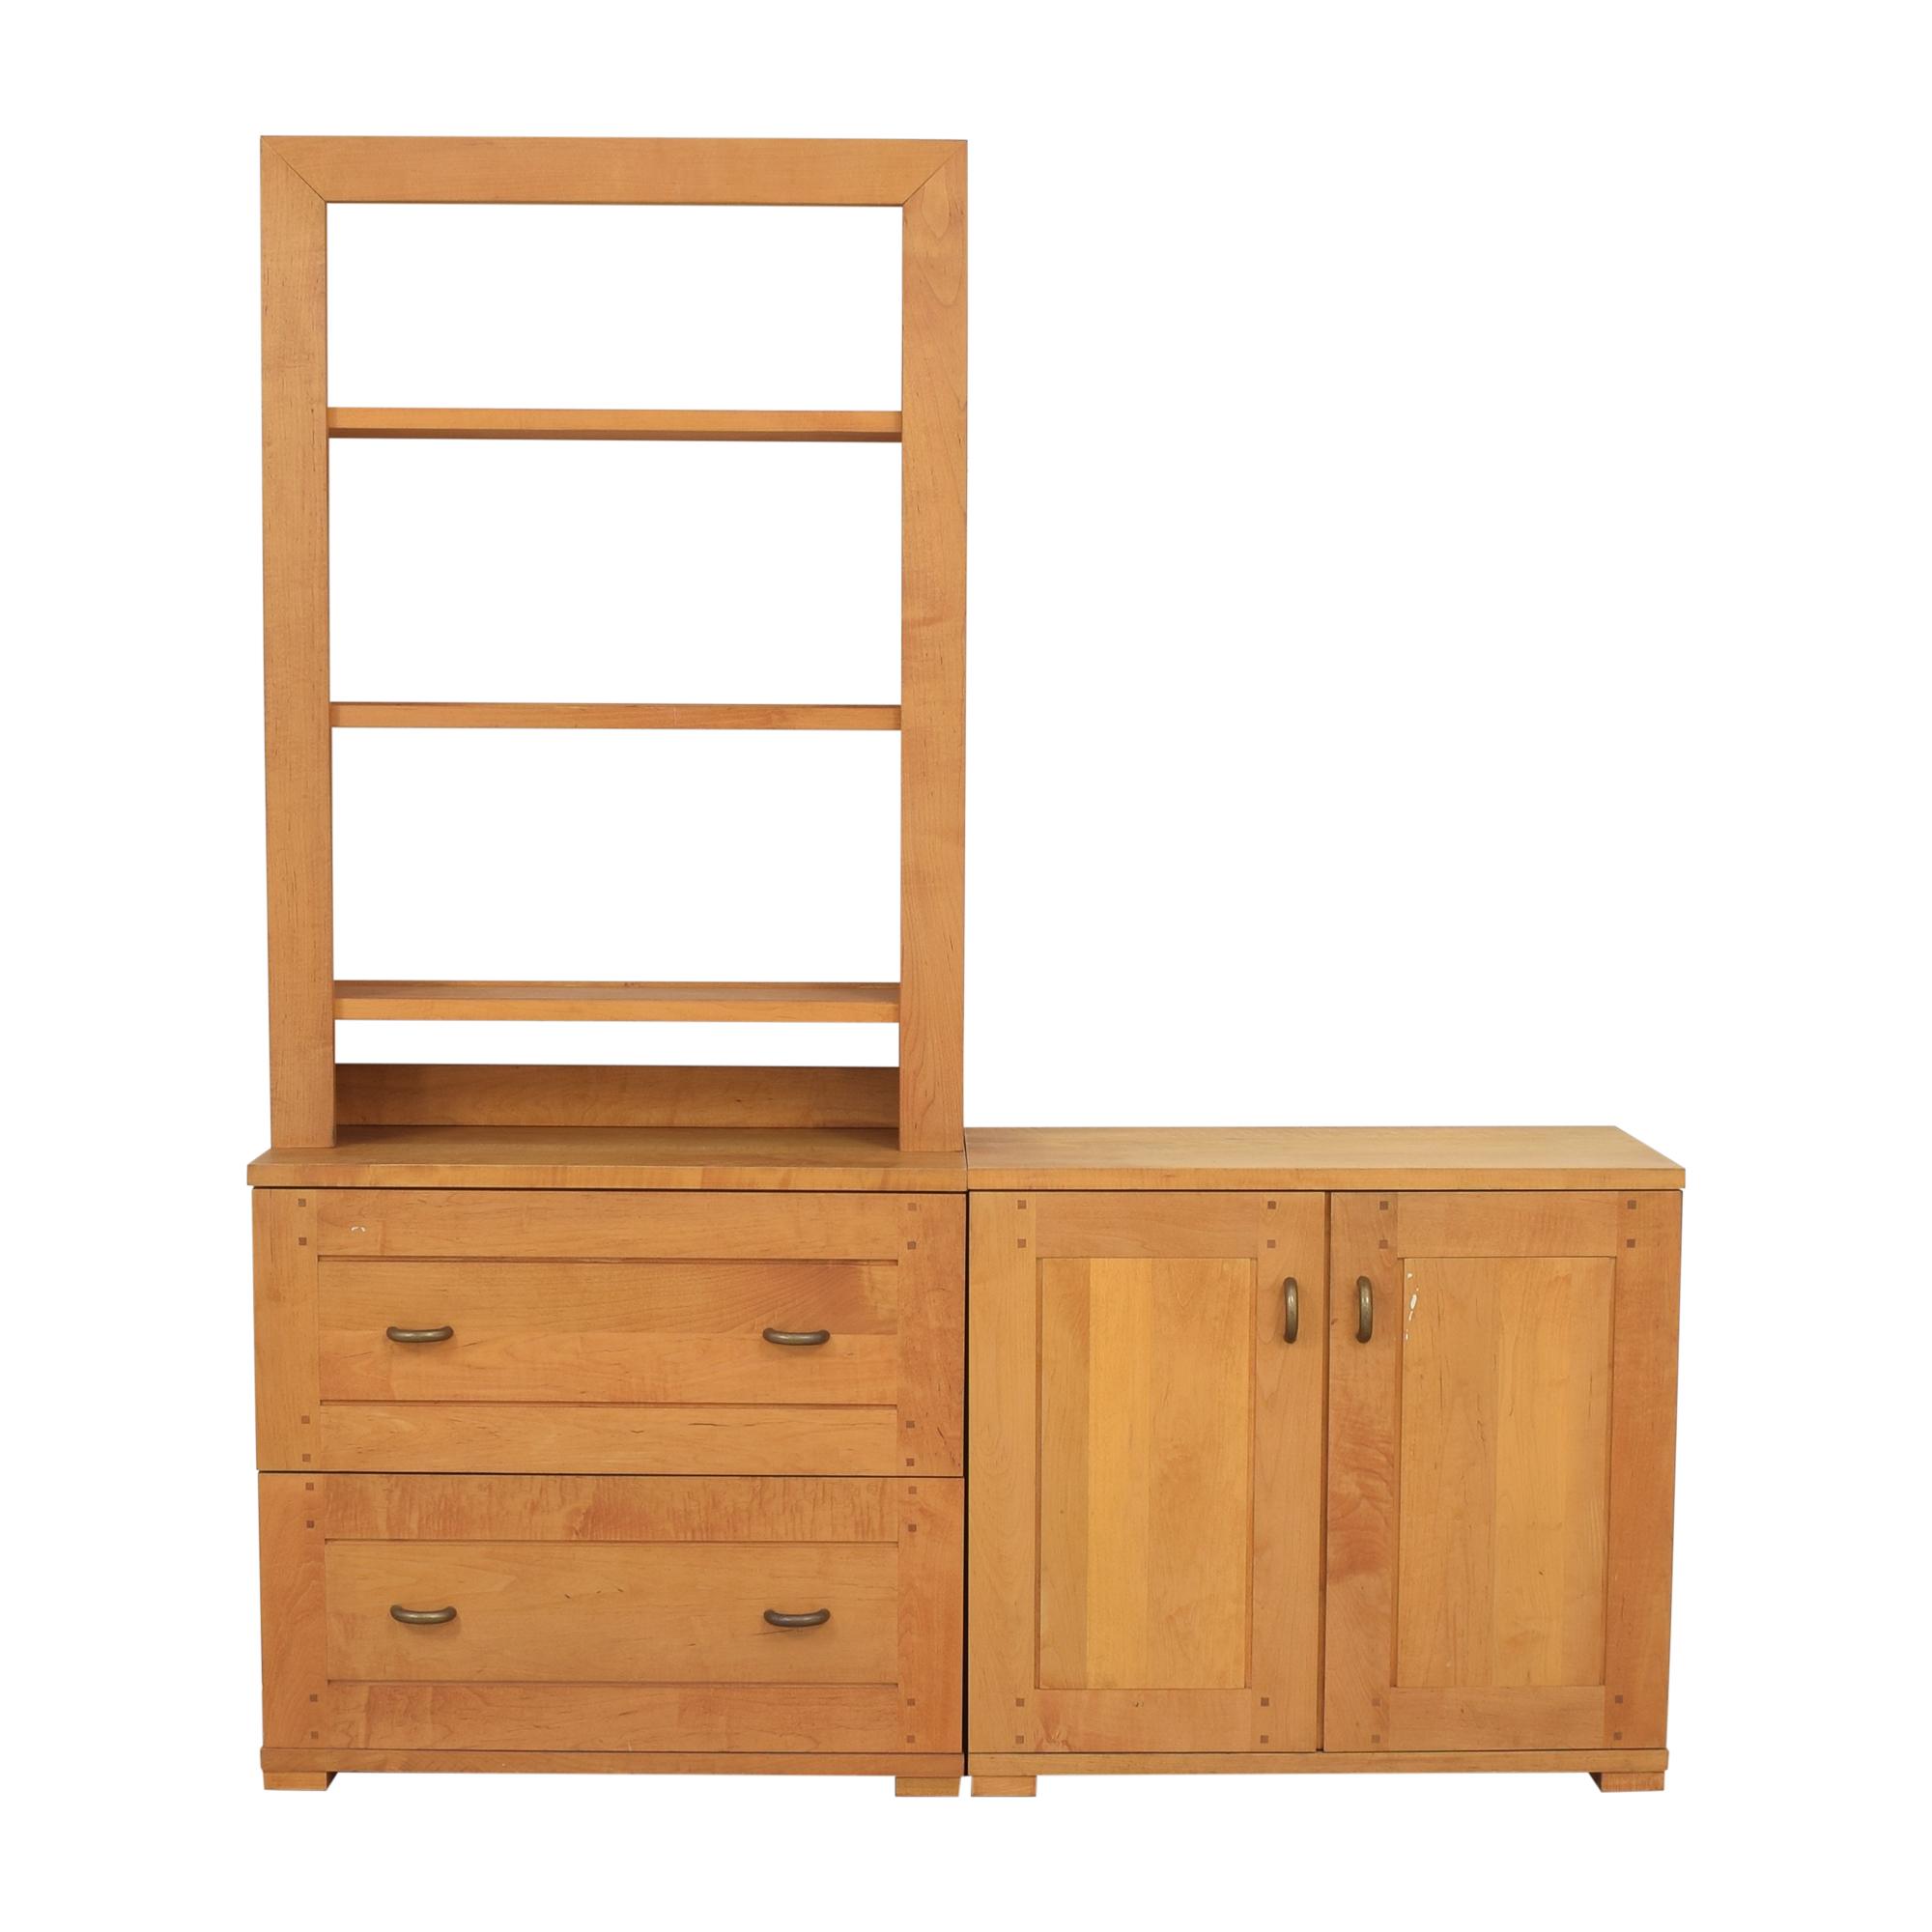 buy Crate & Barrel Modular Storage Unit Crate & Barrel